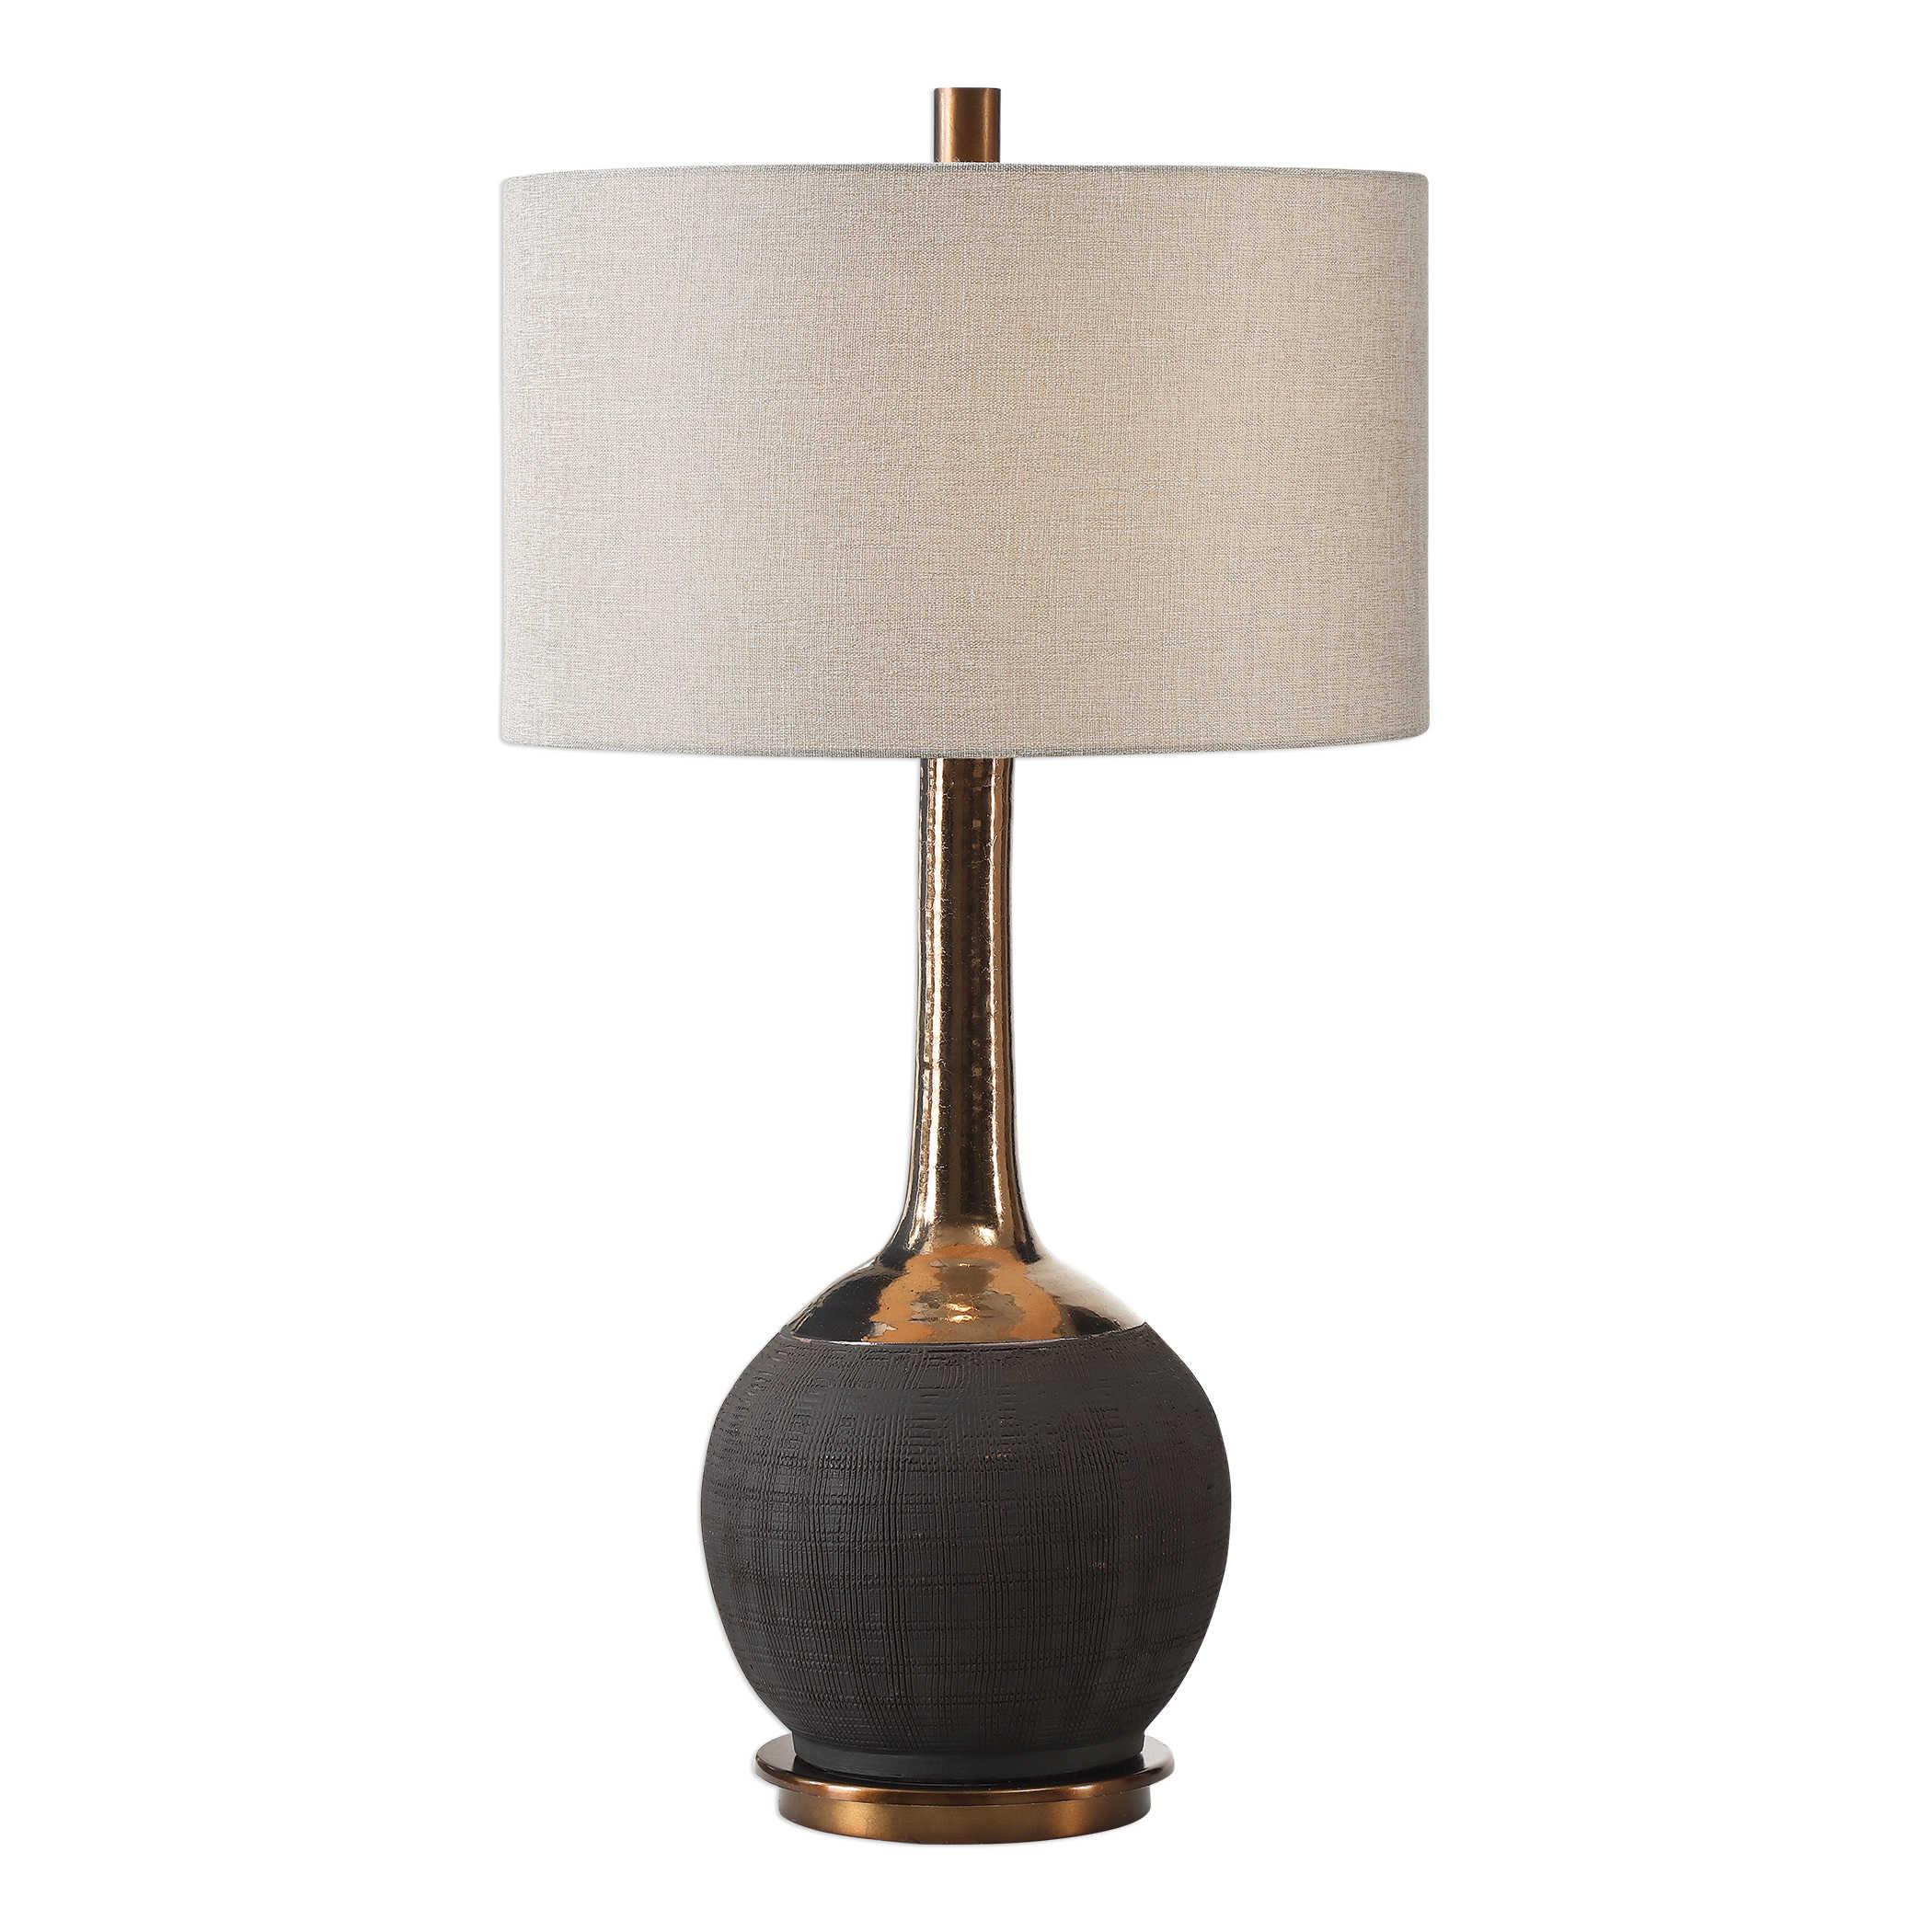 Uttermost Arnav Textured Black Lamp